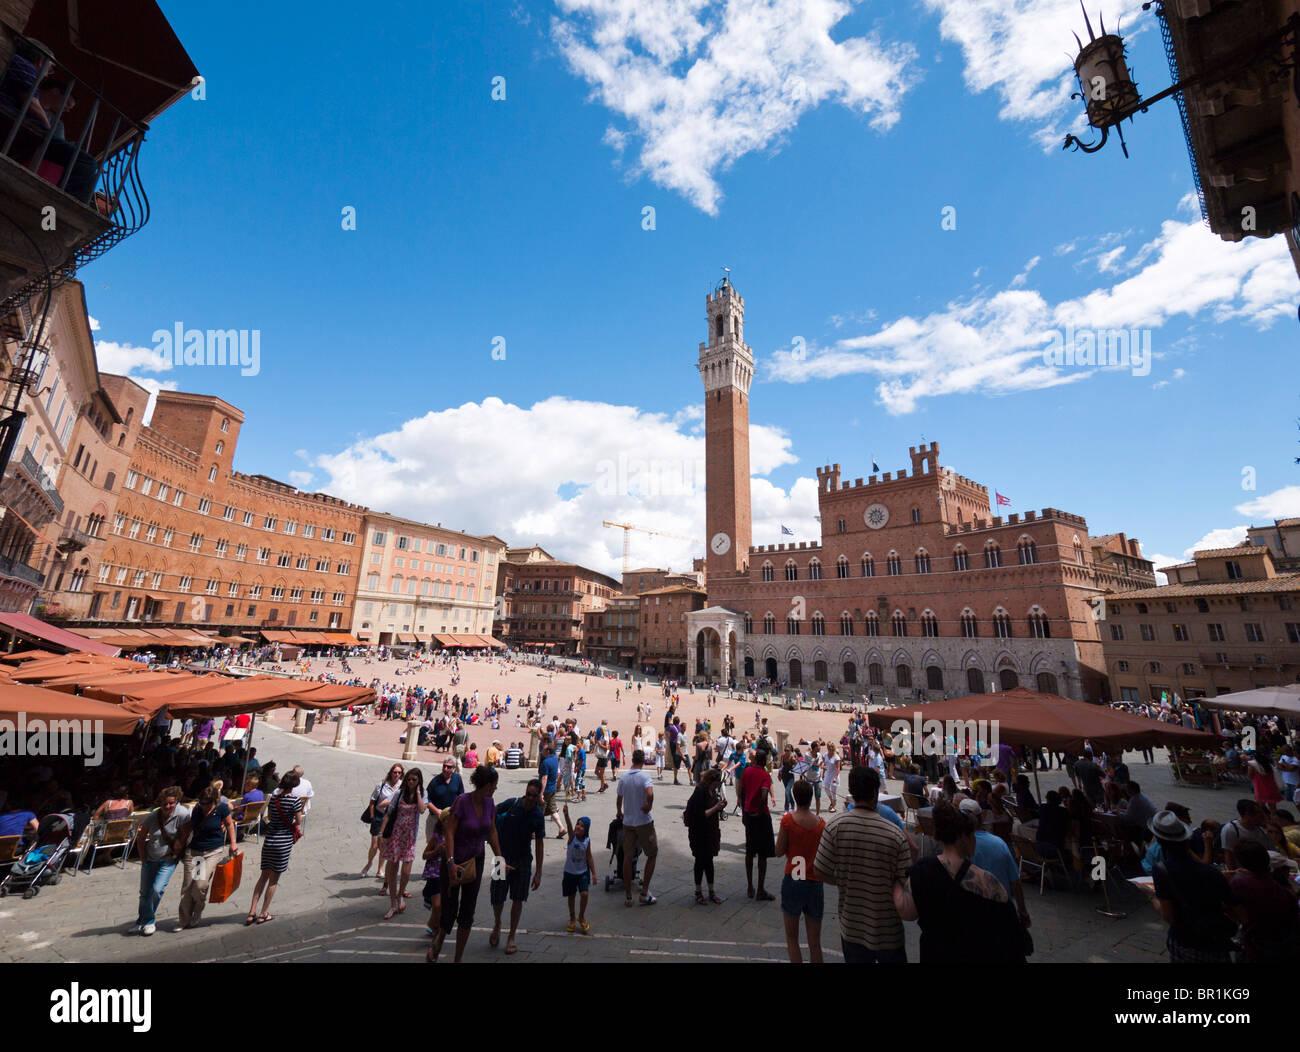 """I turisti di visitare """"il campo', la piazza centrale presso il centro storico di Siena in Toscana, Italia. Immagini Stock"""